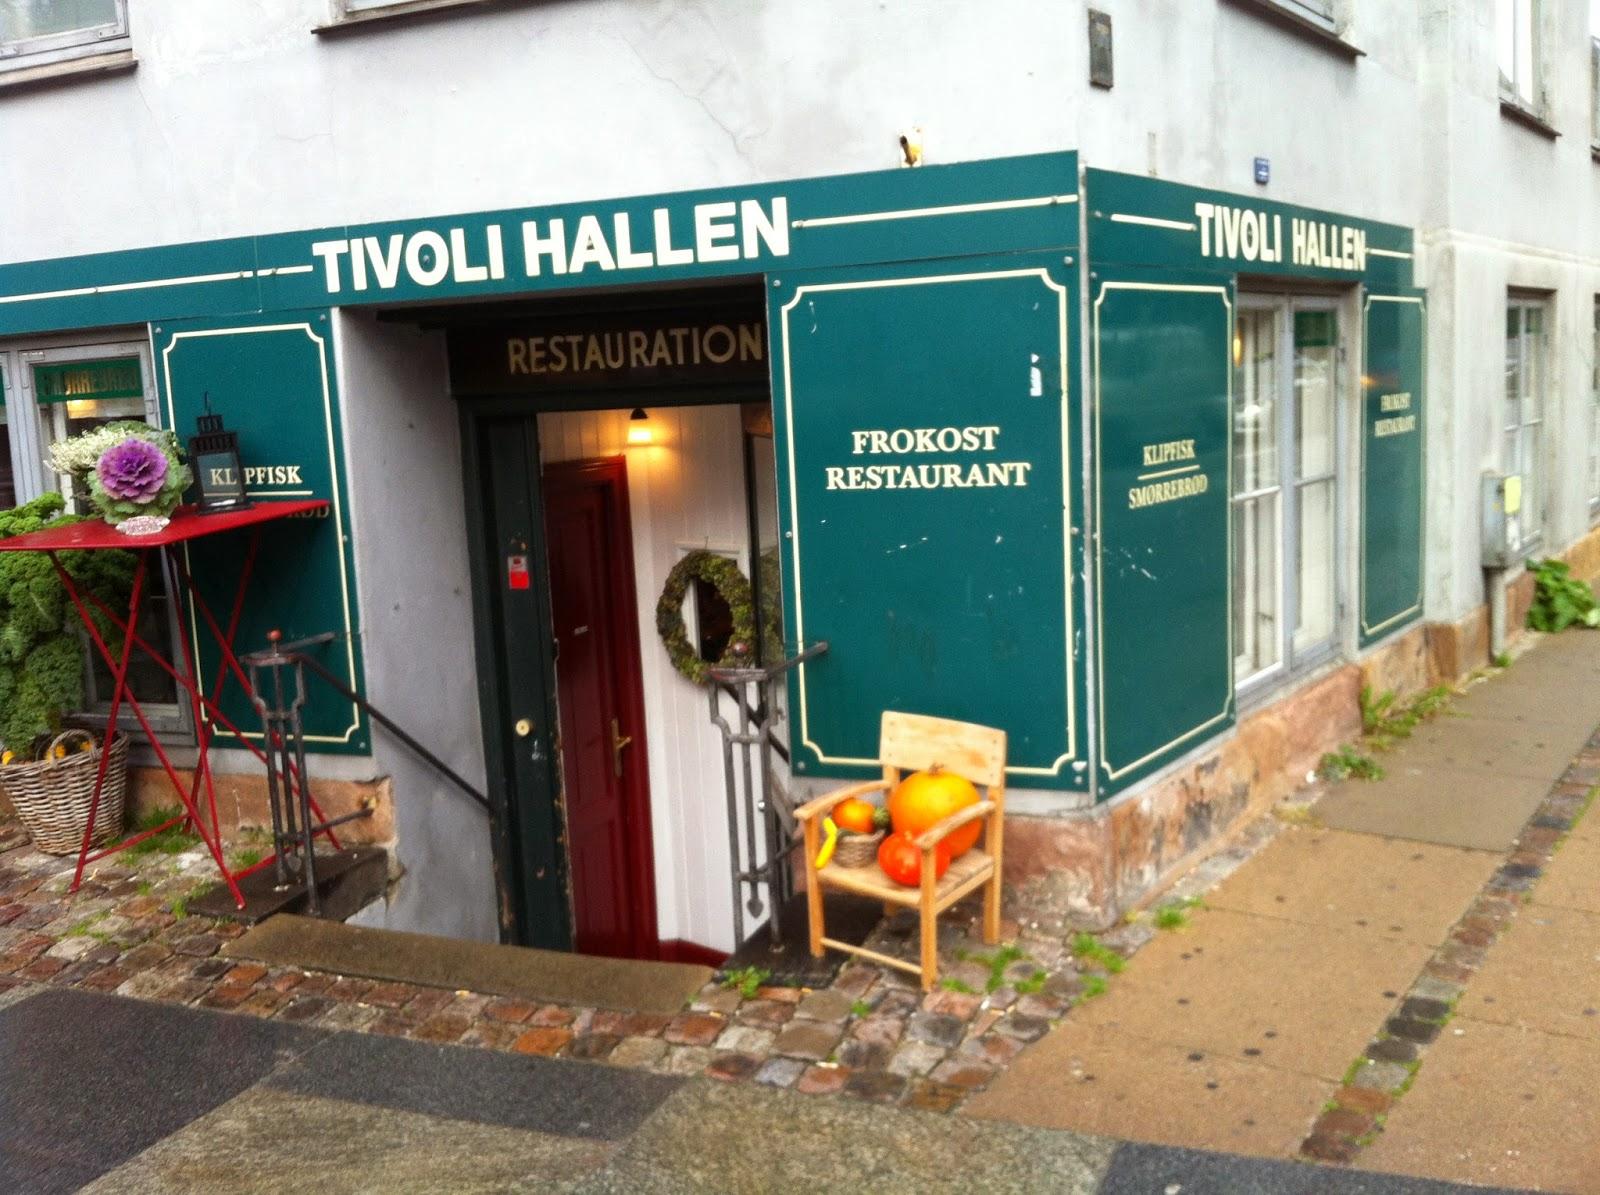 Tivoli Hallen restaurant in Copenhagen